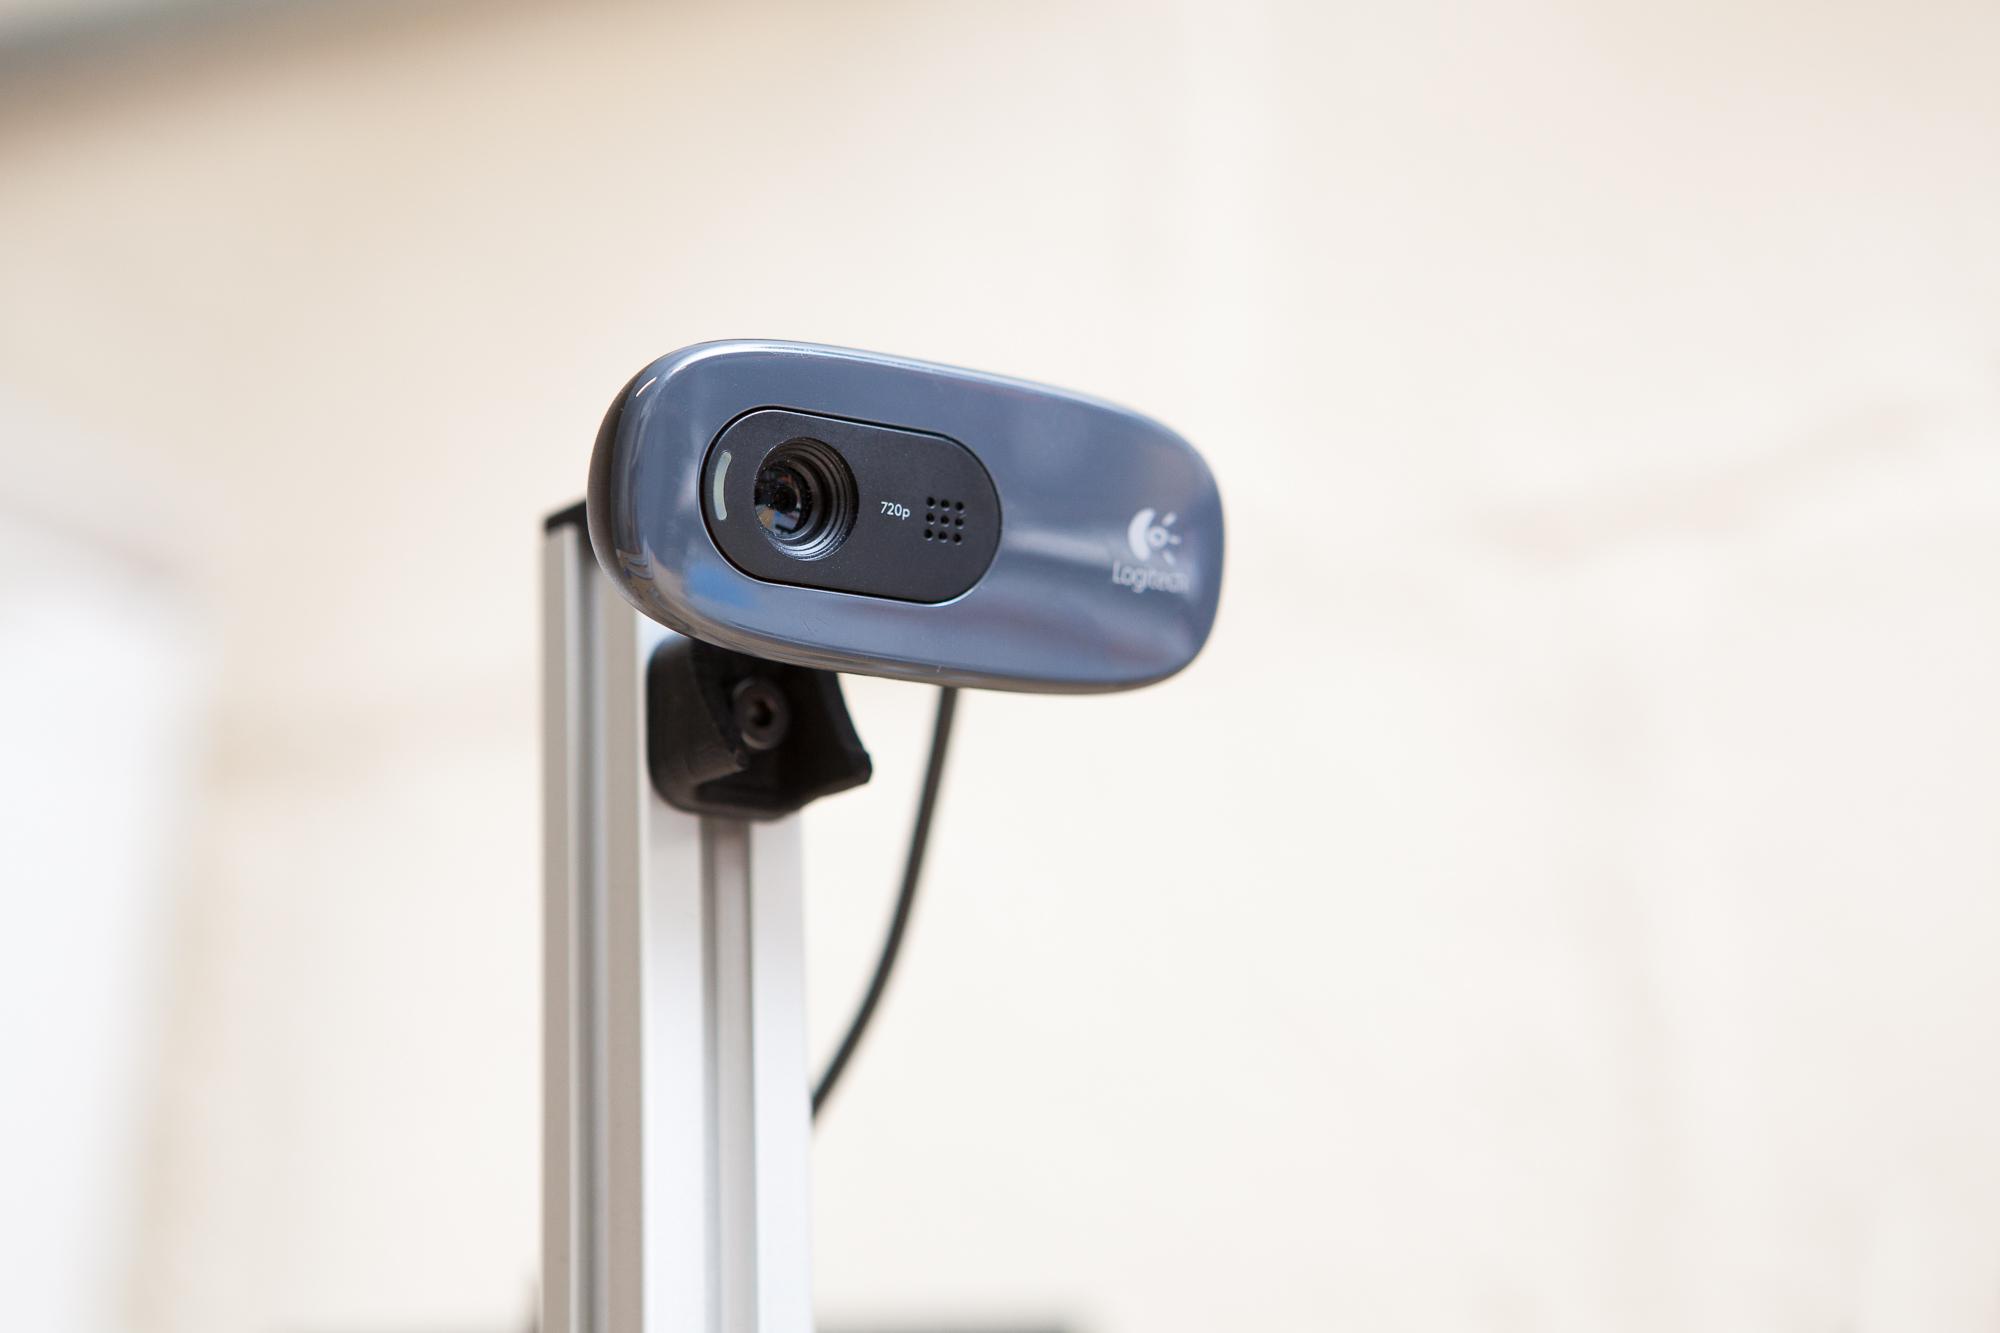 Logitech C270 Webcam Mount for 2020 Extrusion